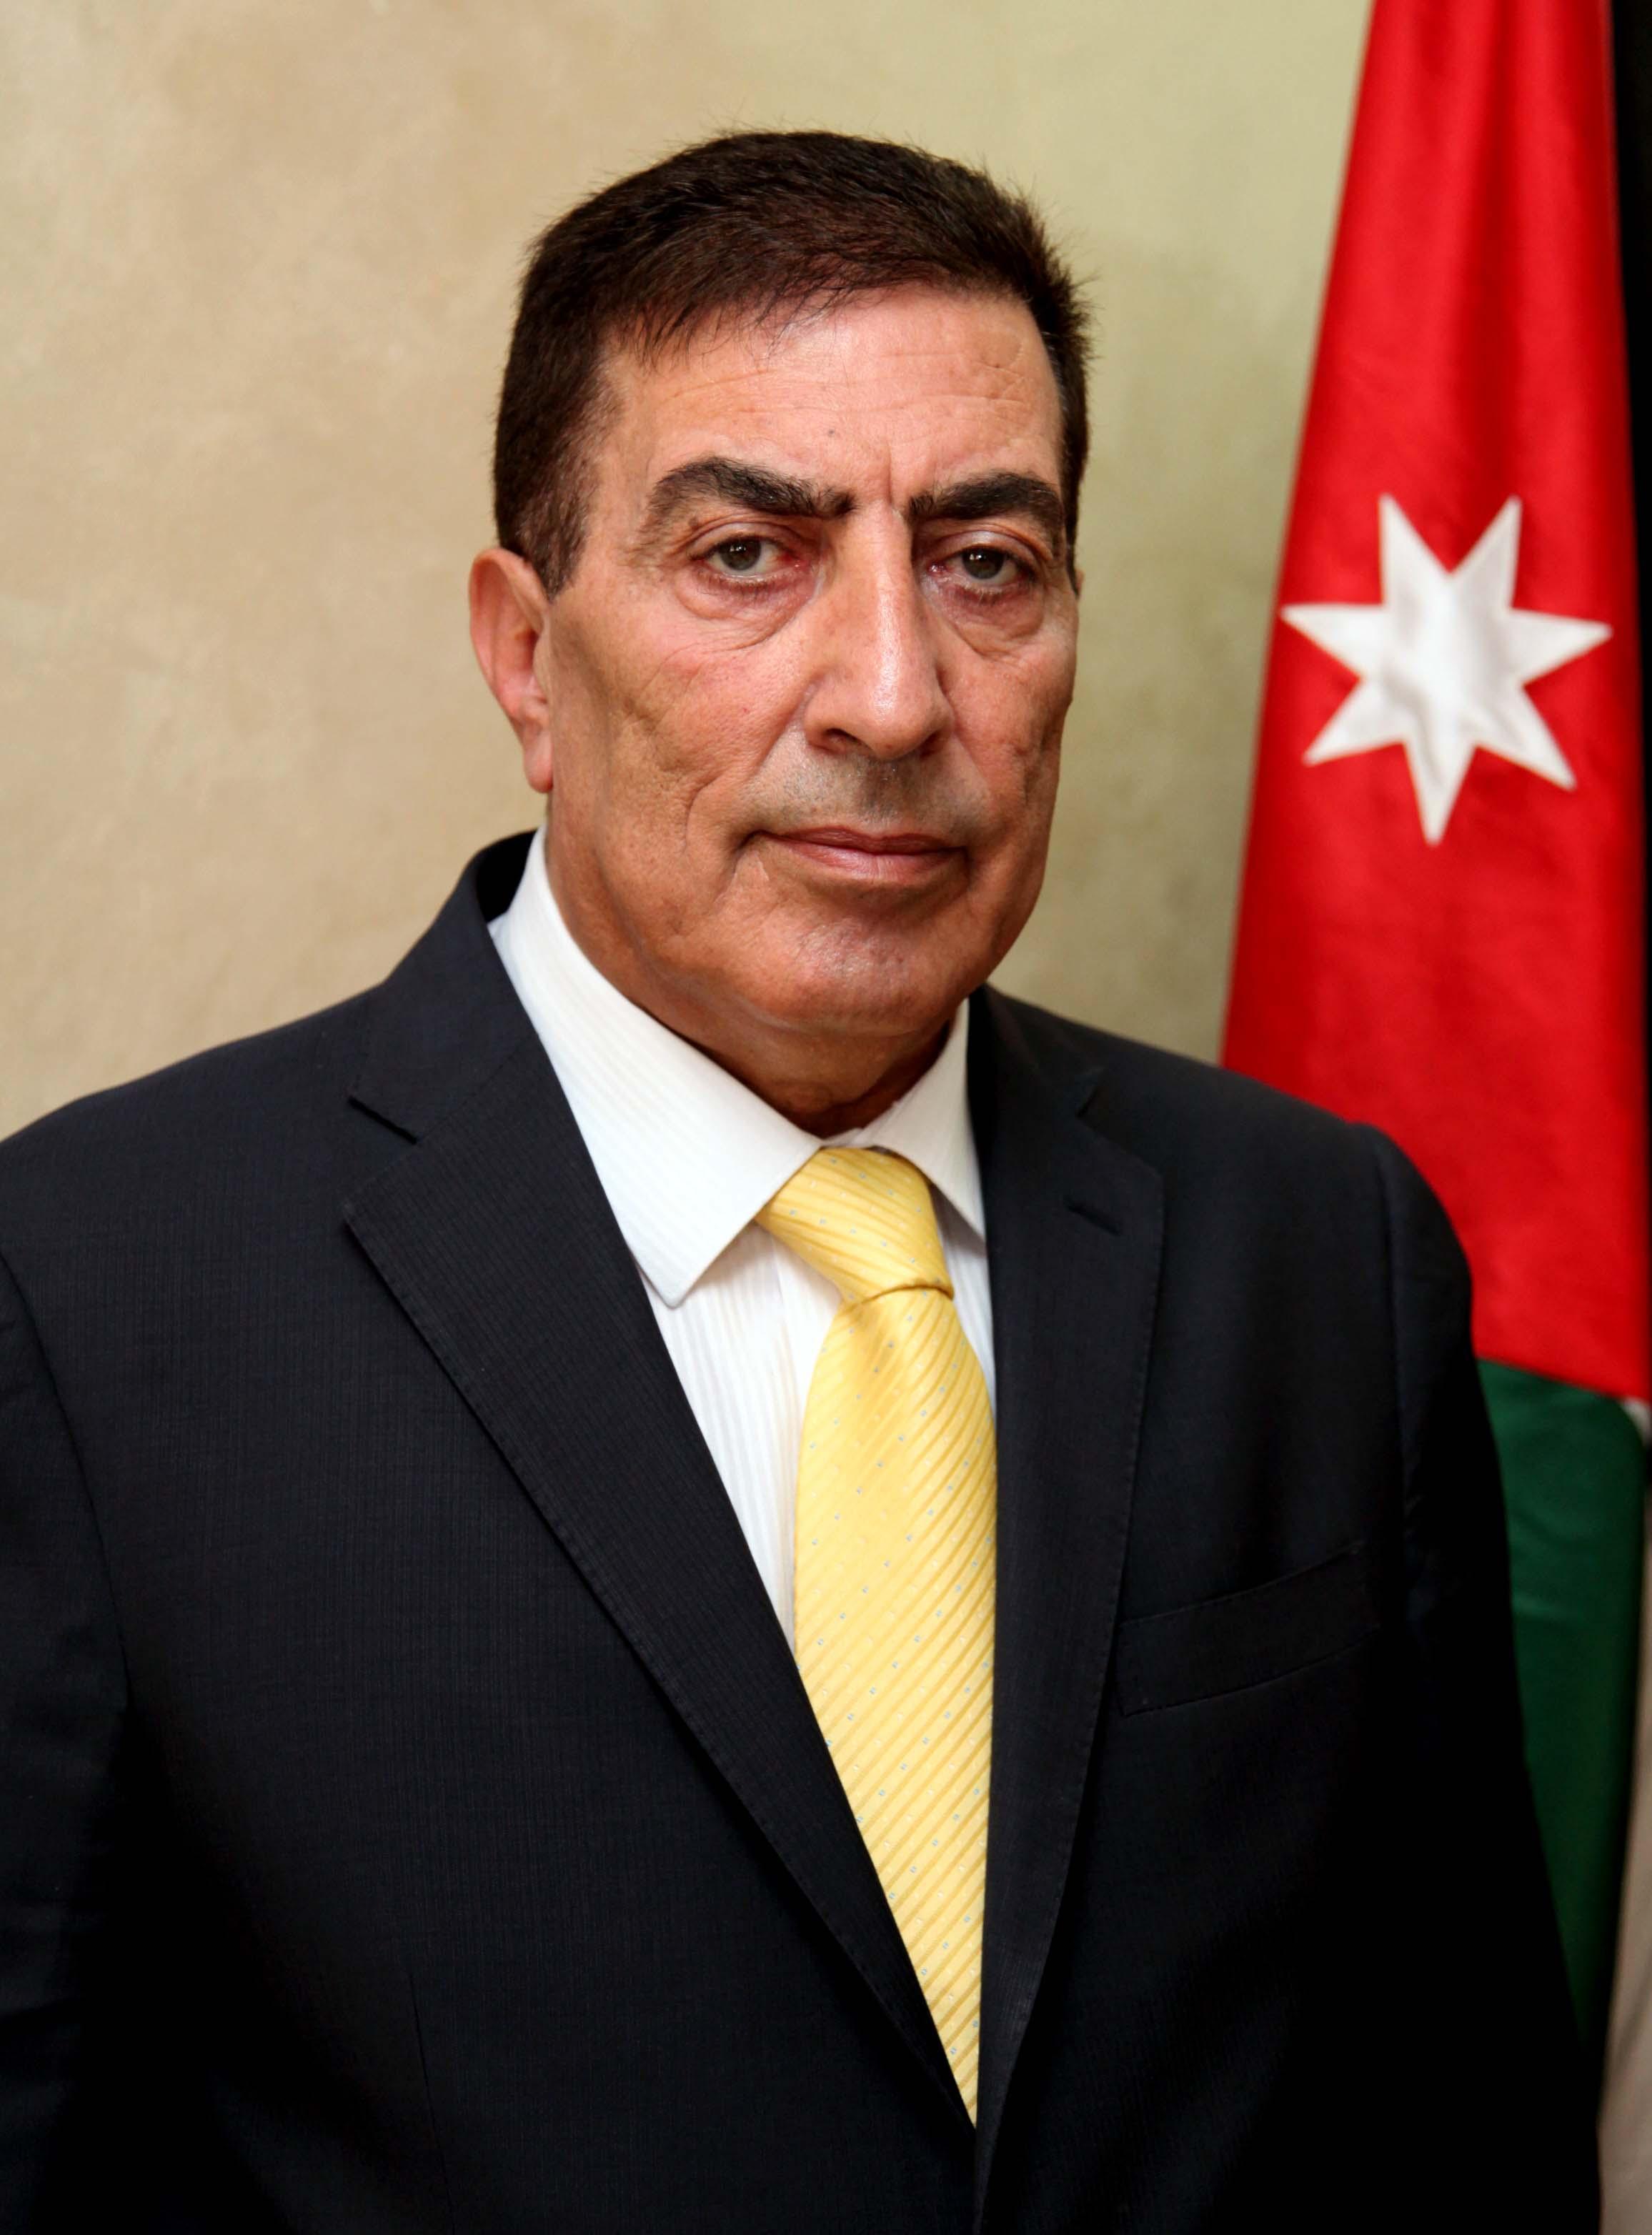 رئيس مجلس النواب الأردني: جرائم إسرائيل ستظل السبب بإشعال المقاومة